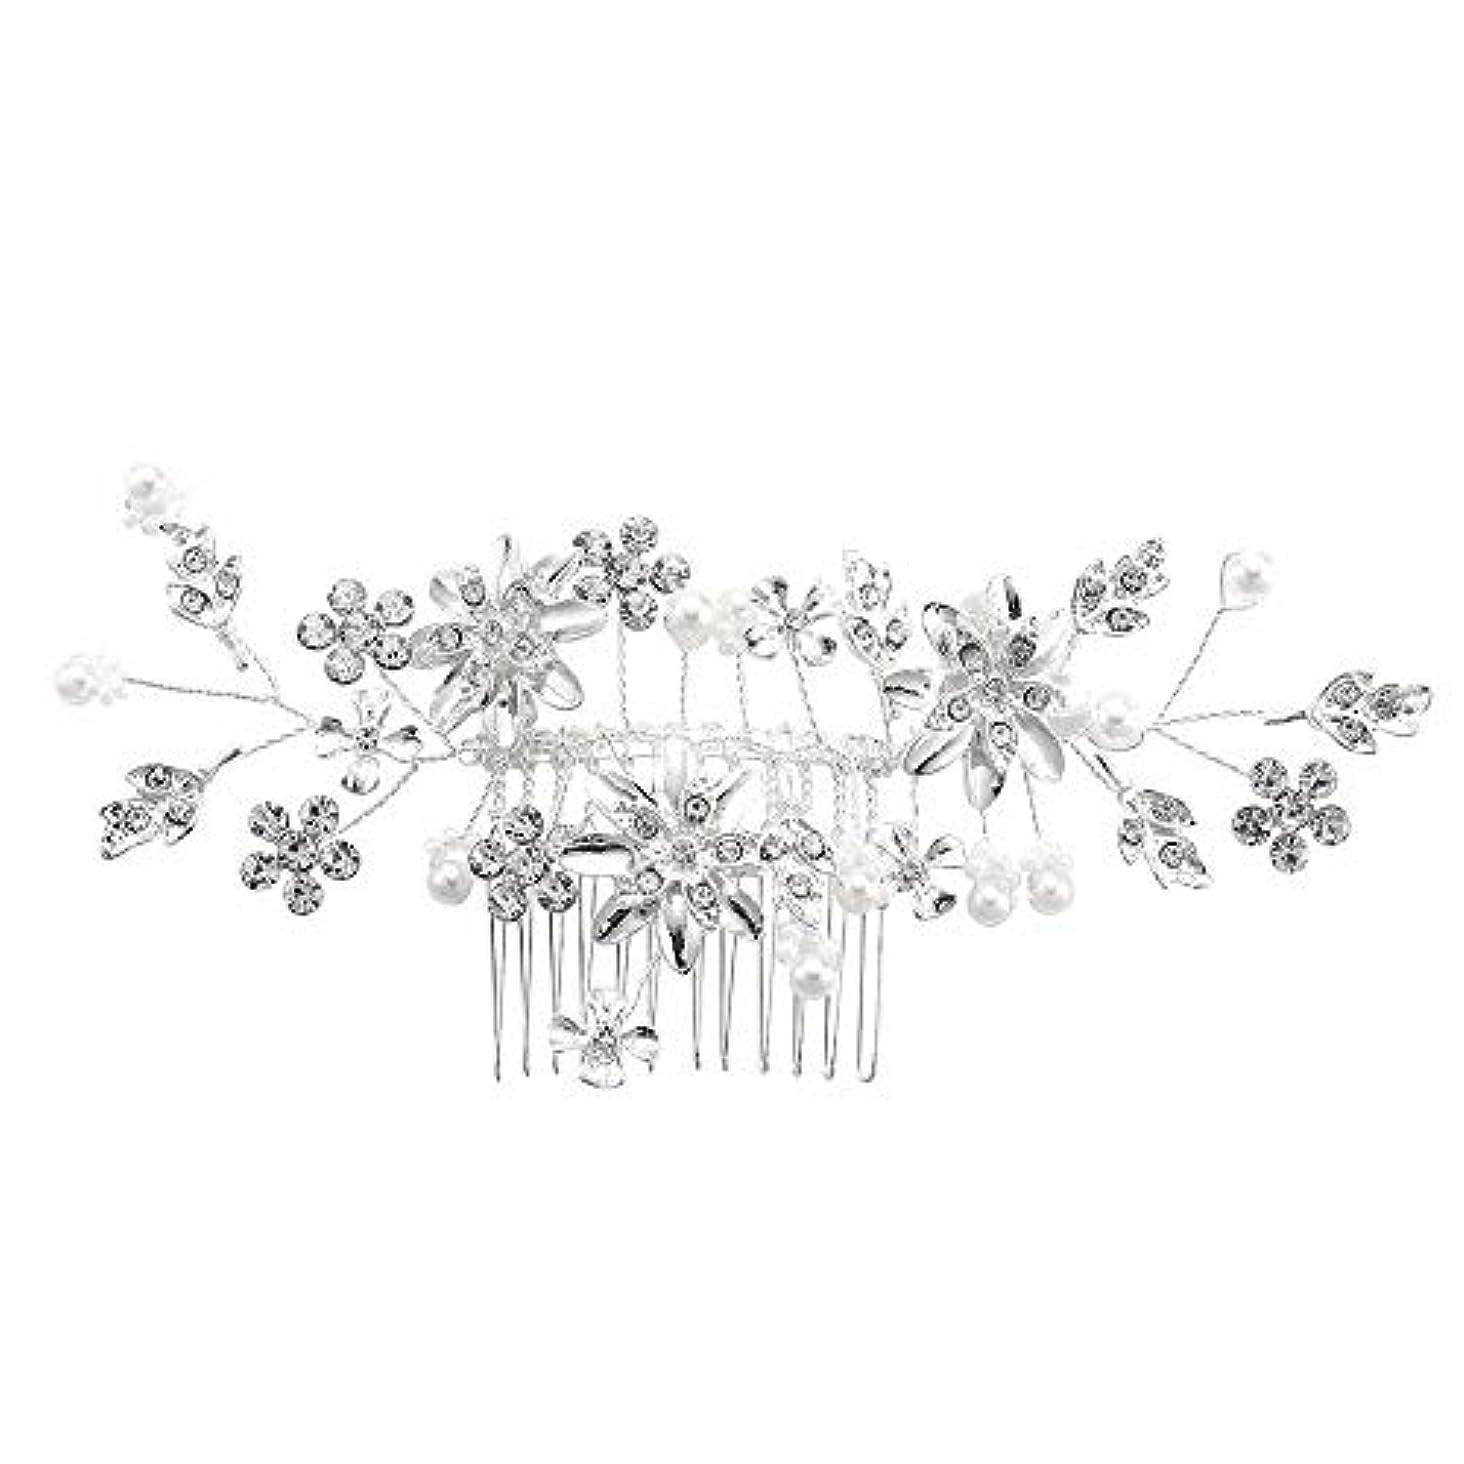 側溝食事を調理するジャニス髪の櫛、櫛、合金、ラインストーンの櫛、真珠の髪の櫛、ブライダル髪の櫛、結婚式の髪の櫛